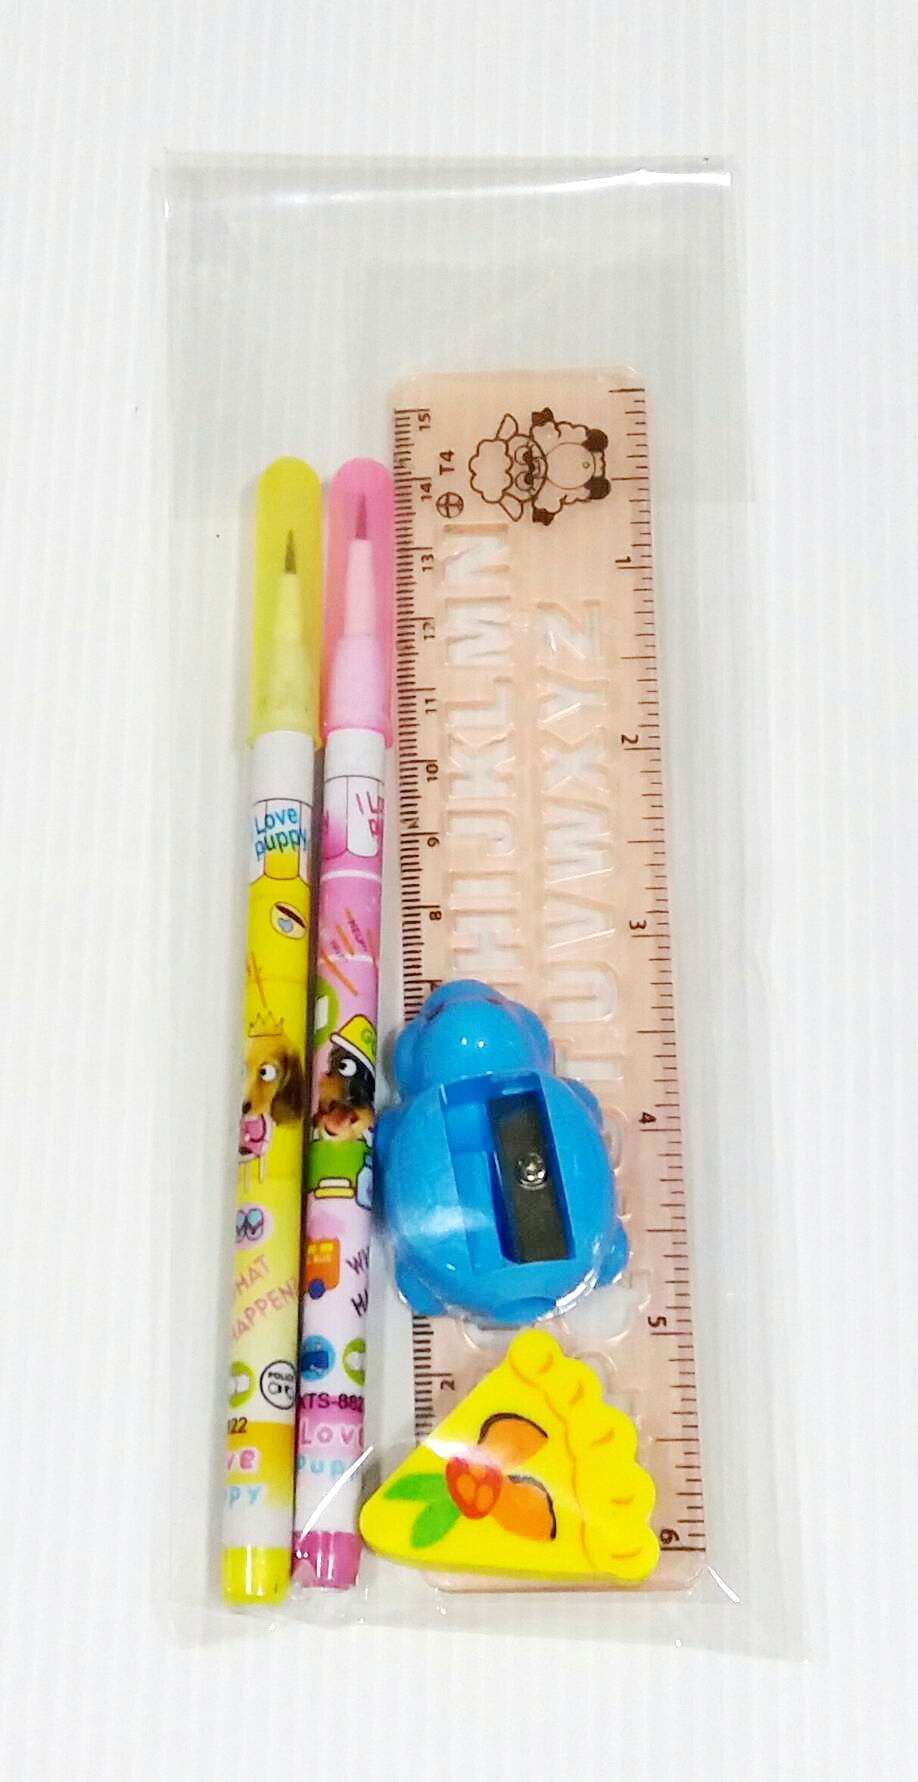 ชุดเครื่องเขียนดินสอต่อไส้110บาทต่อโหล